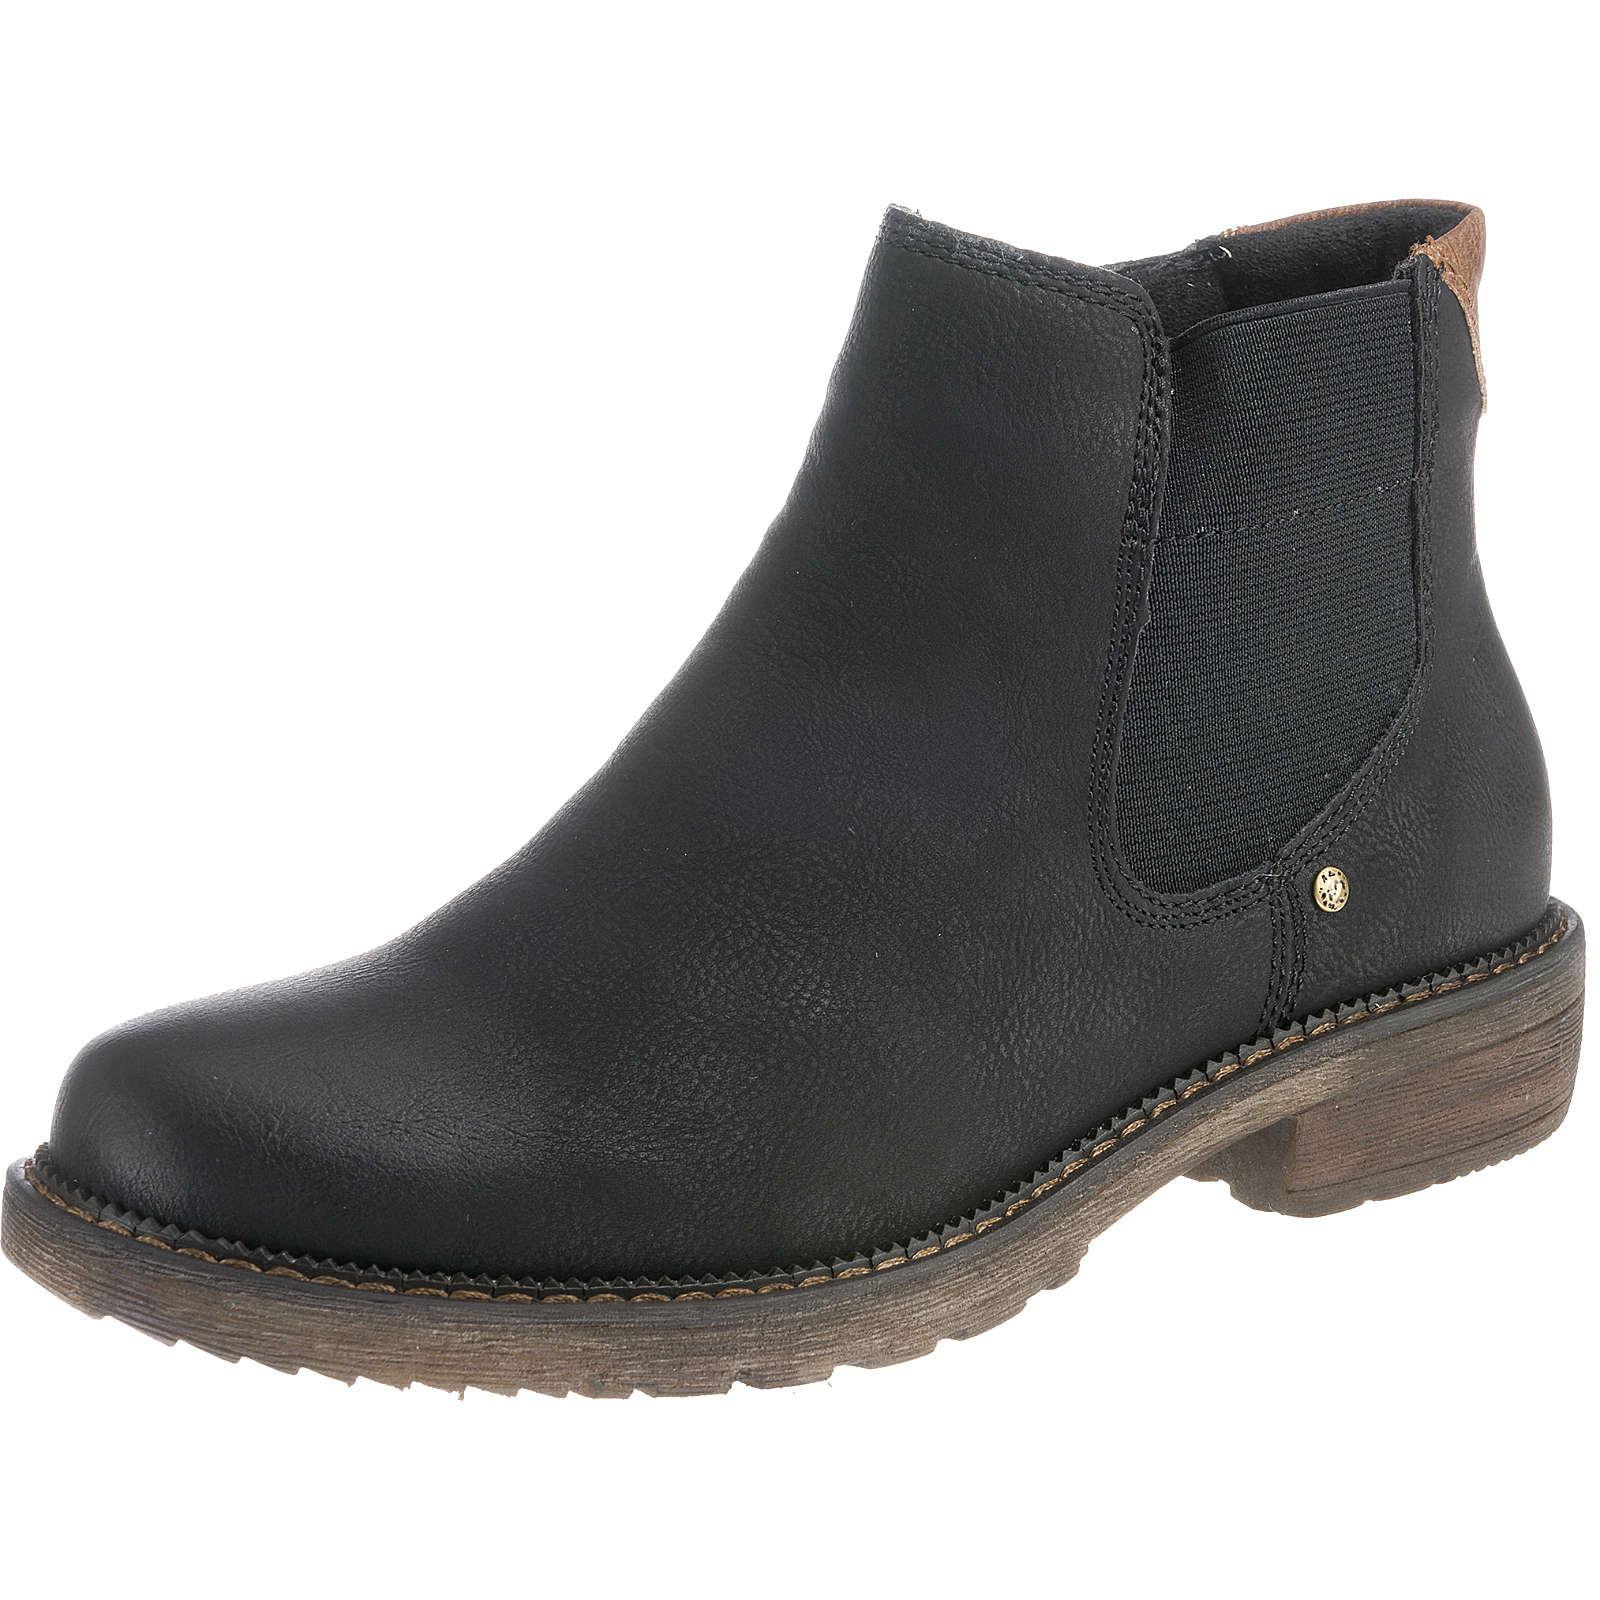 Relife Chelsea Boots schwarz Damen Gr. 40